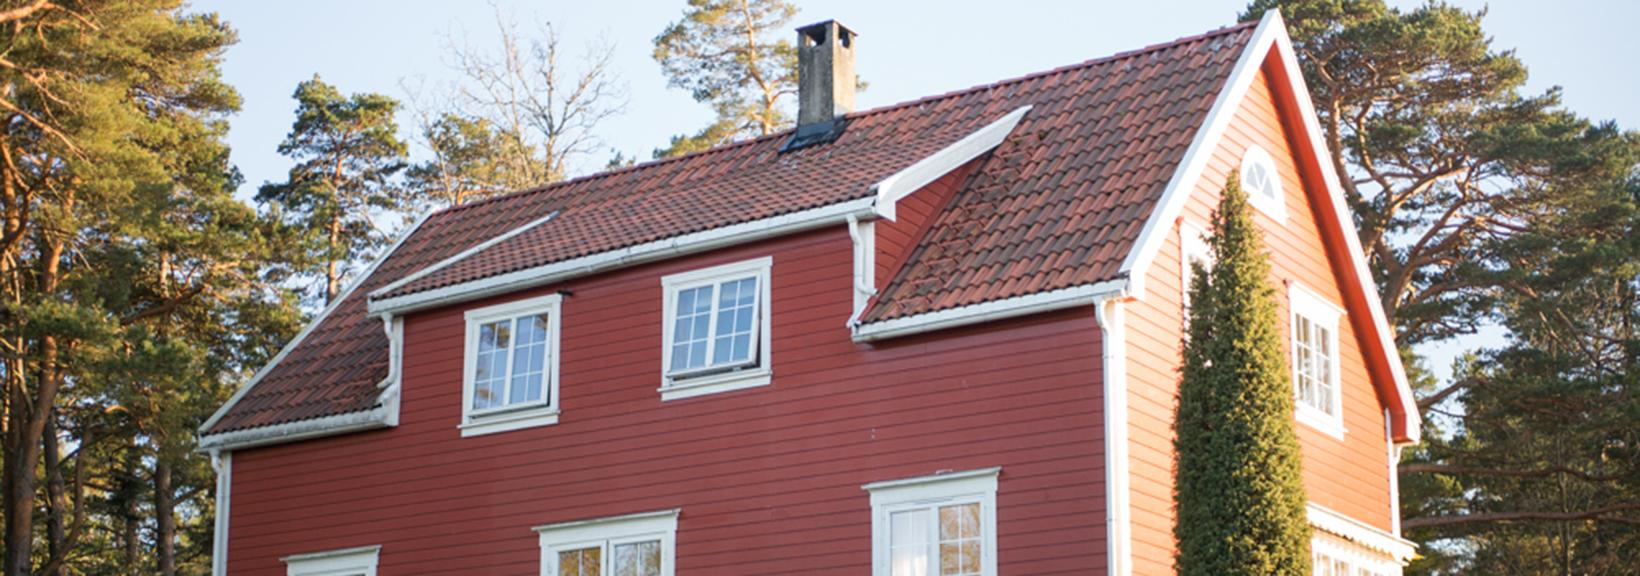 Selgers opplysningsplikt ved salg av brukt bolig. Foto: Glenn Ulrik Halvorsen